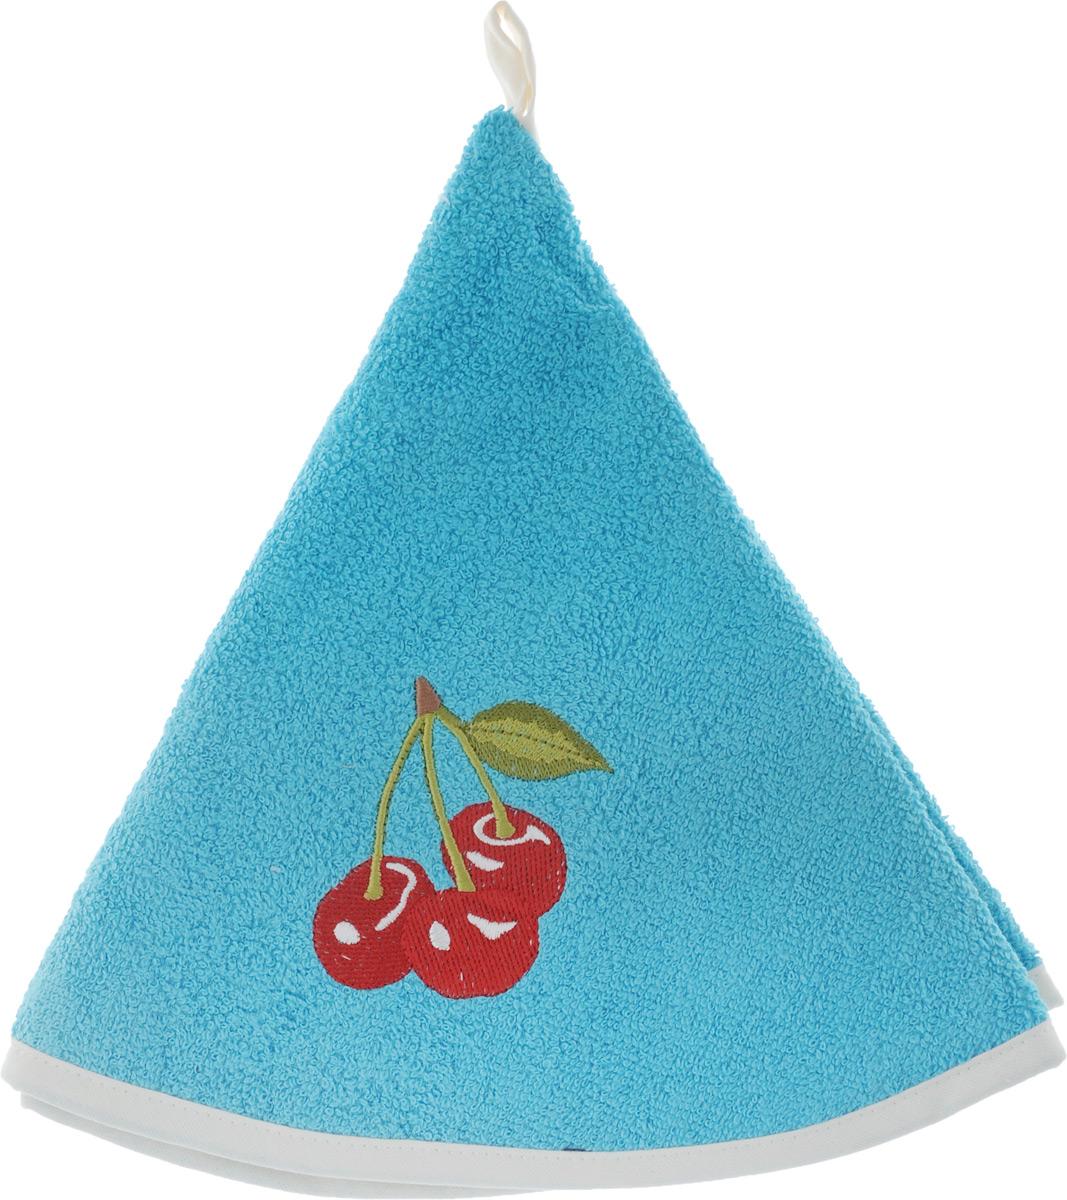 Полотенце кухонное Karna Zelina, цвет: голубой, диаметр 50 см10.01.03.0066Круглое кухонное полотенце Karna Zelina изготовлено из махровой ткани (100% хлопок), поэтому является экологически чистым. Качество материала гарантирует безопасность не только взрослым, но и самым маленьким членам семьи. Изделие мягкое и приятное на ощупь, оснащено удобной петелькой и украшено оригинальной вышивкой. Полотенце хорошо впитывает влагу, легко стирается в стиральной машине и обладает высокой износоустойчивостью. Кухонное полотенце Karna Zelina сделает интерьер вашей кухни стильным и гармоничным.Диаметр полотенца: 50 см.